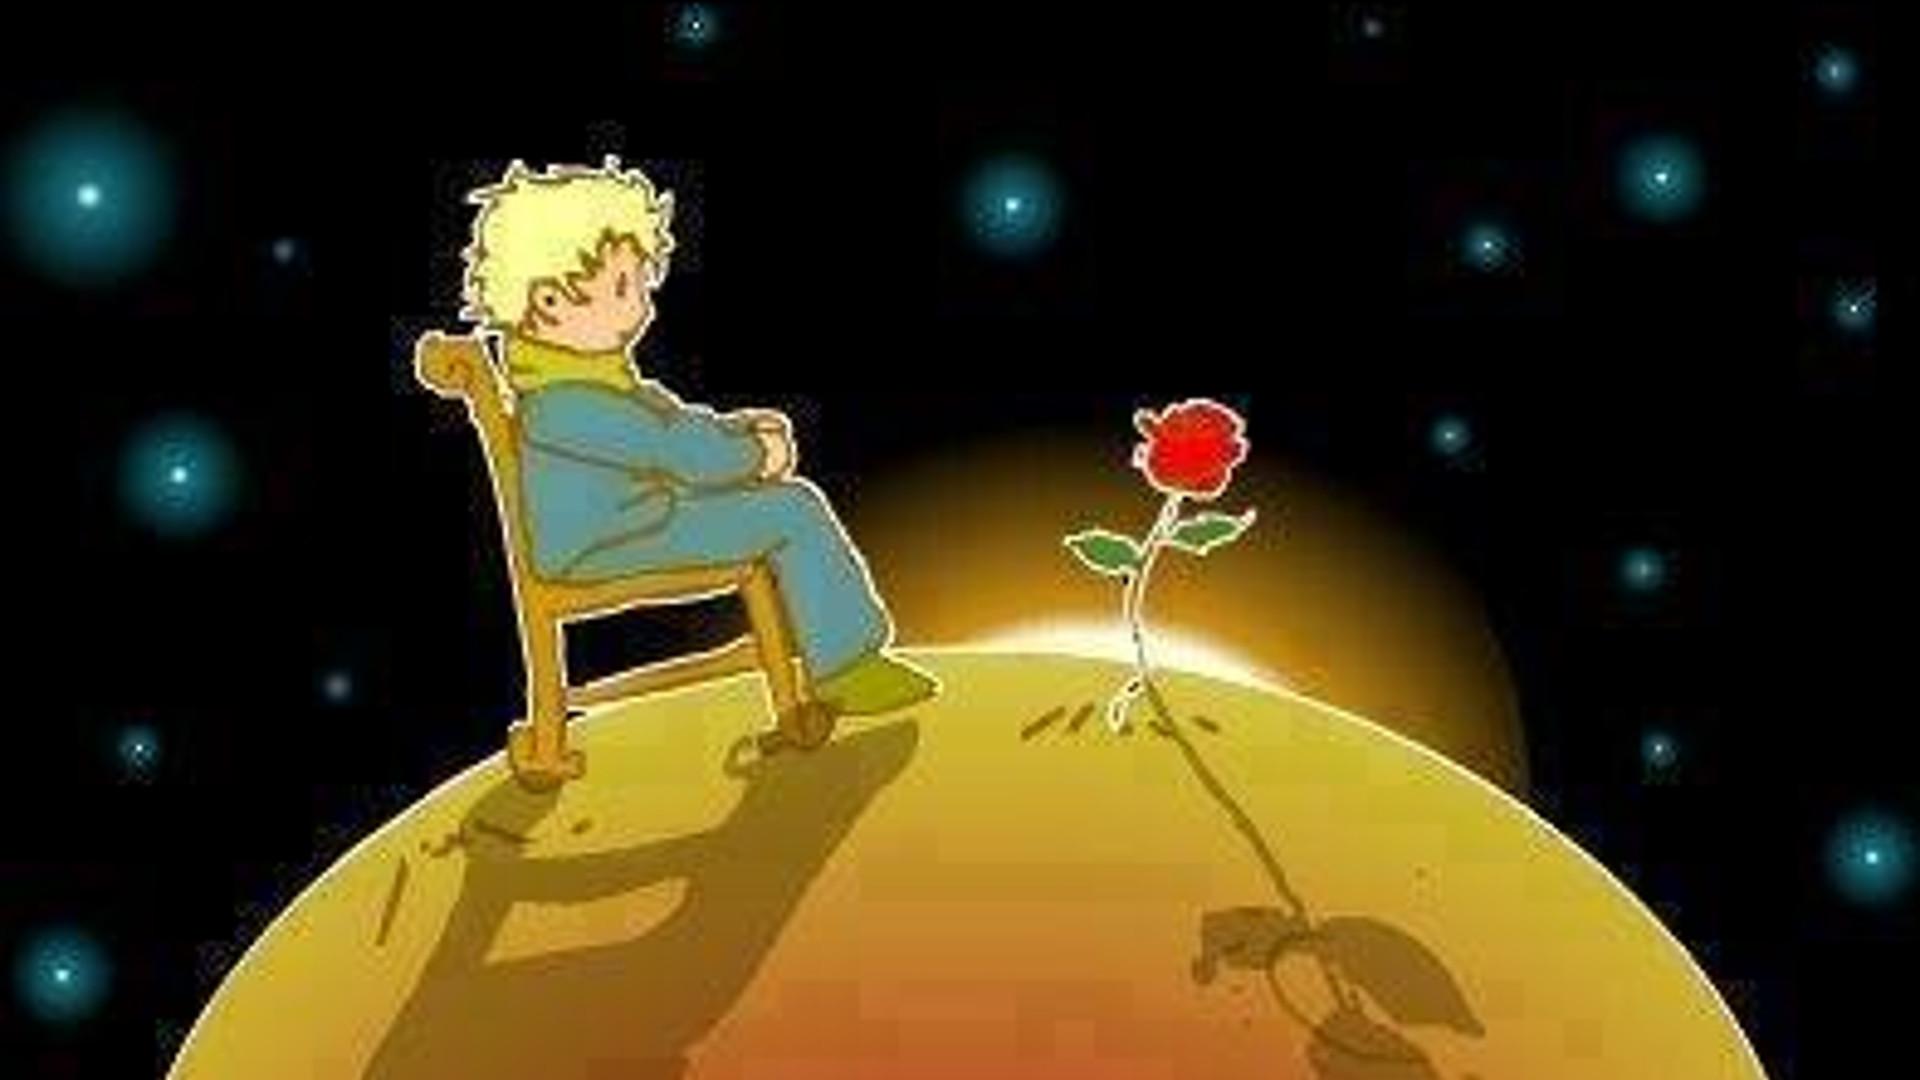 La rosa que cautivó al principito [extracto]